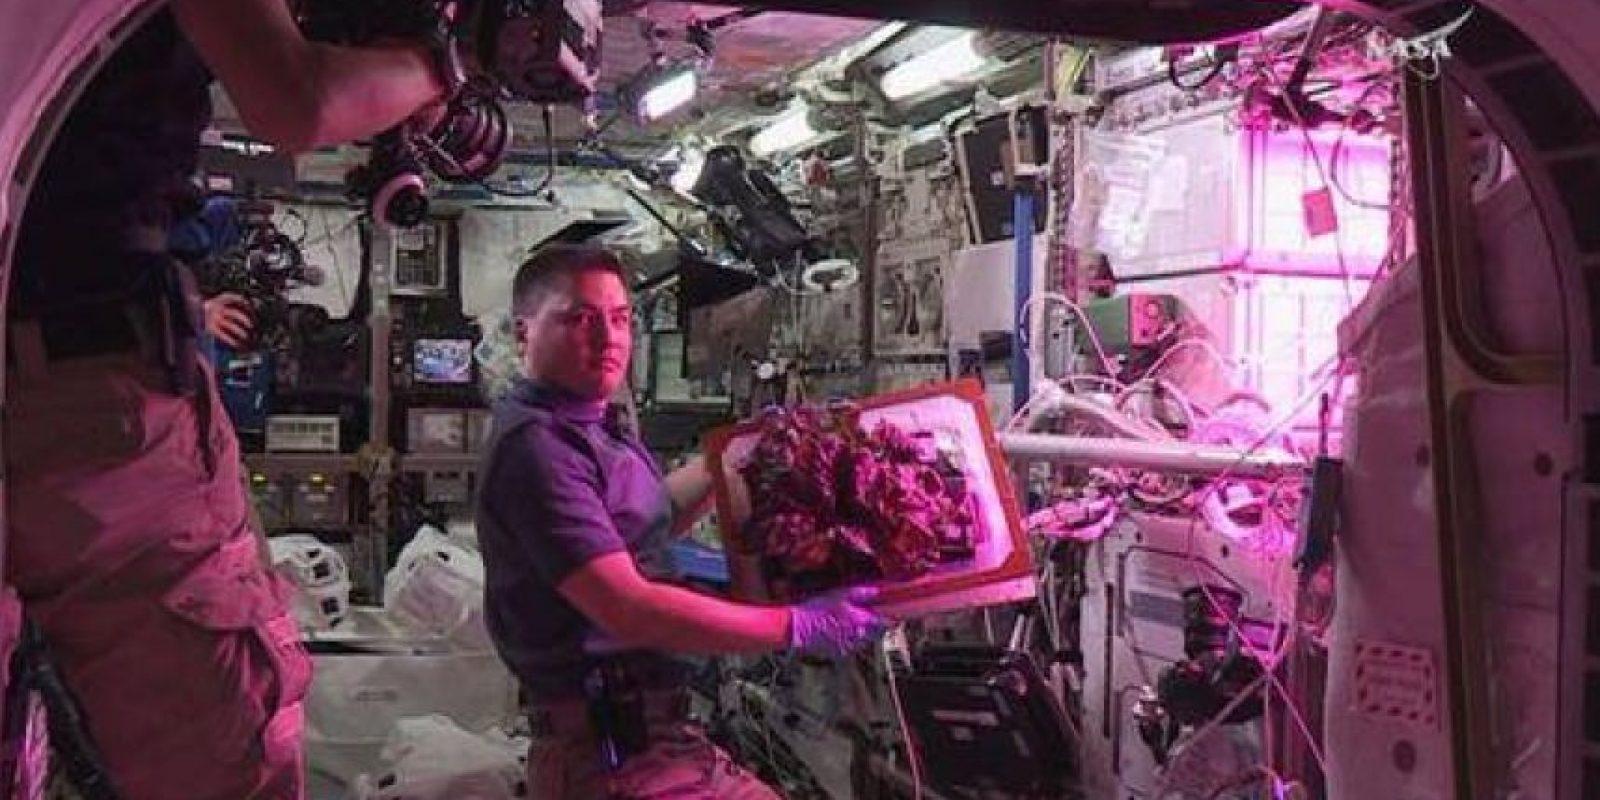 """""""La mayoría de la comida es preenvasada y se lleva a las misiones espaciales, pero tener una gran fuente de productos frescos sería un buen complemento para las dietas de los astronautas, por no hablar de un merecido descanso de las comidas refrigeradas"""". Foto:Facebook.com/NASA"""